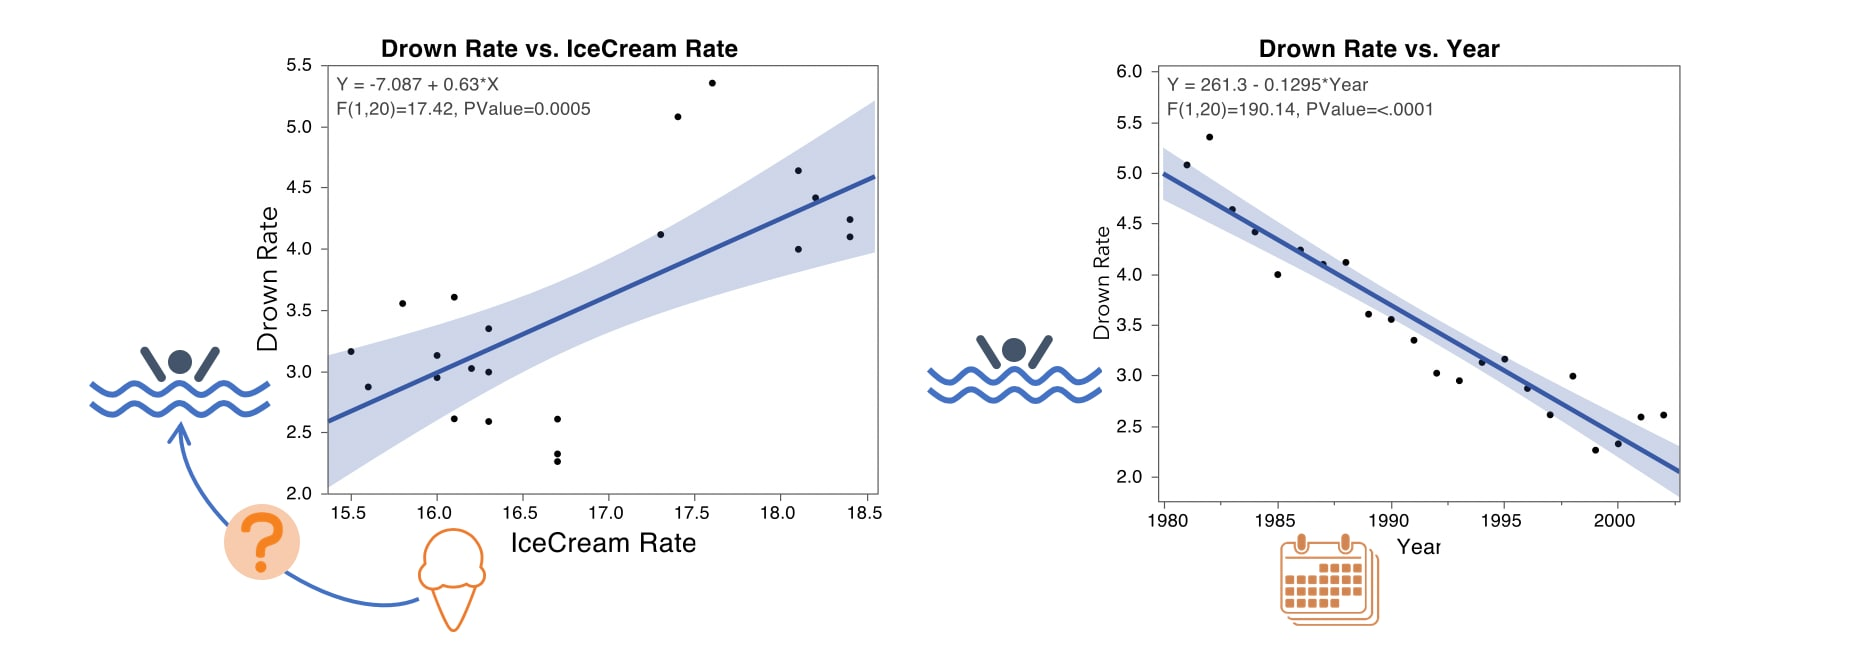 mlr-drown-vs-icecream-slr